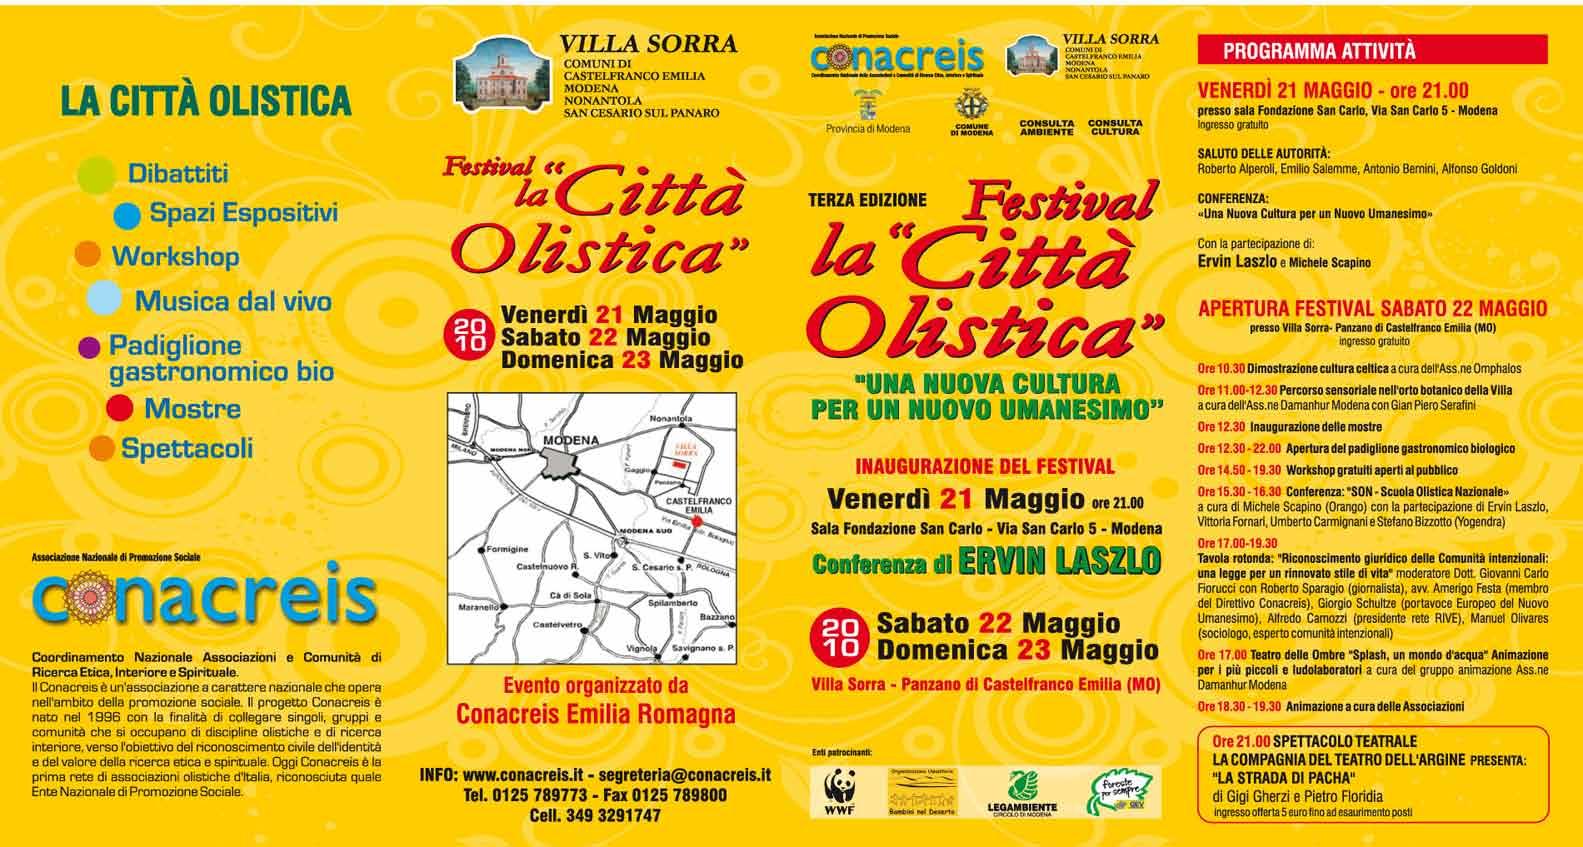 Festival della Città Olistica